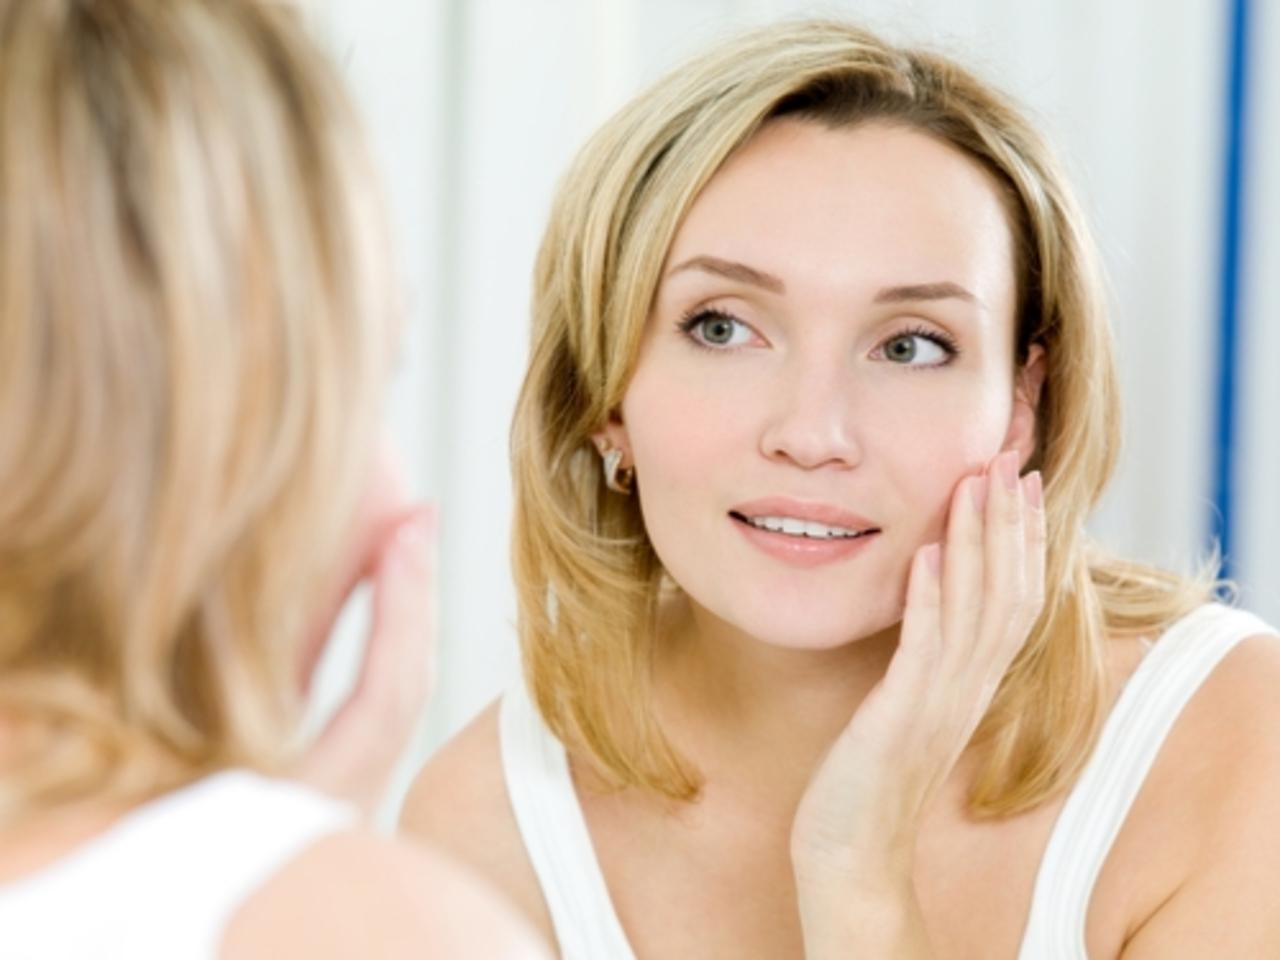 4 средства для снятия макияжа, которыми нужно уметь правильно пользоваться